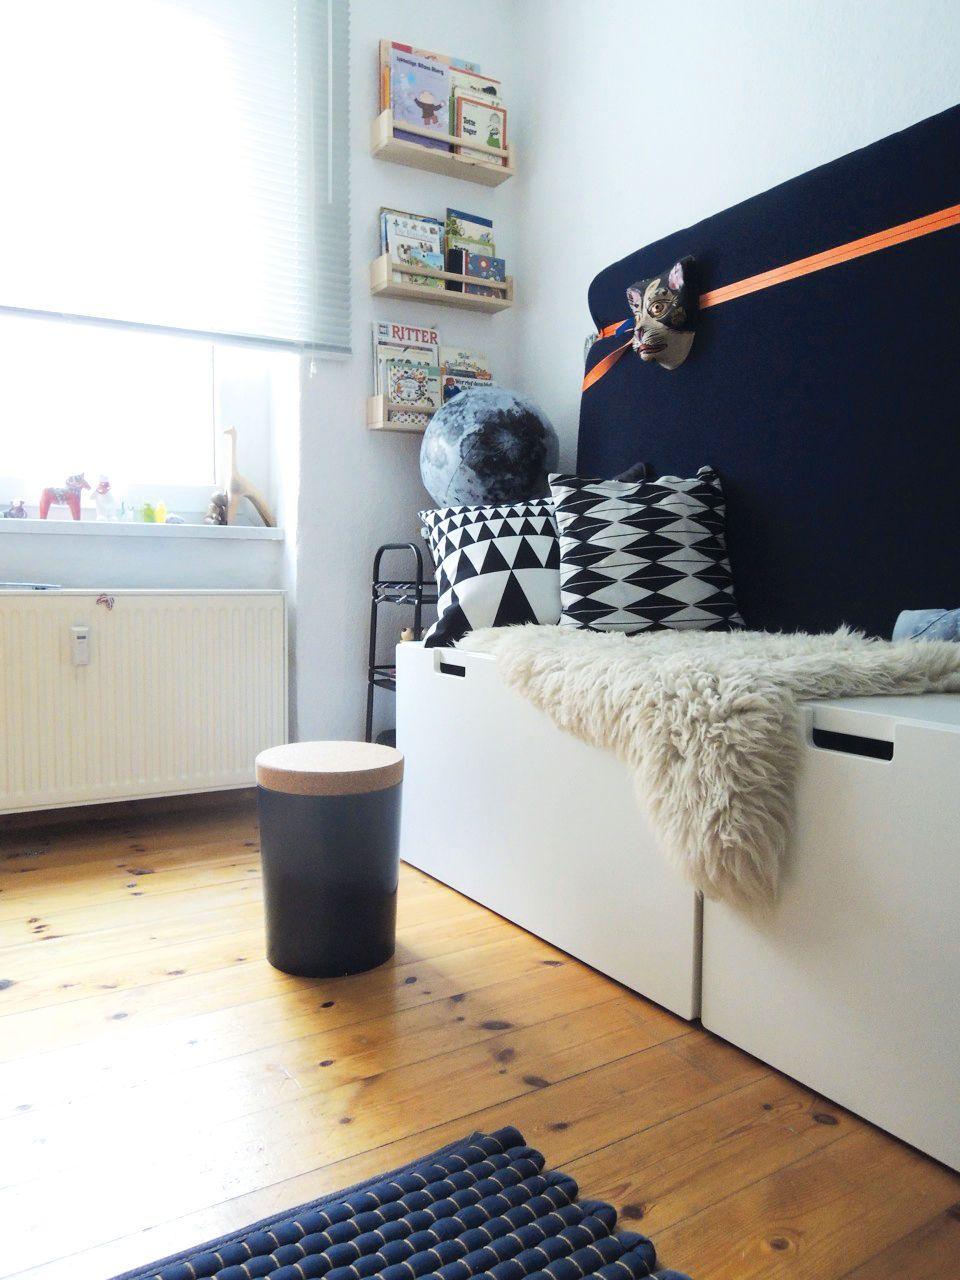 13 Qm Schlafzimmer Einrichten  Ideen F252;r Das Ikea Stuva Kinderzimmer Einrichtungssystem